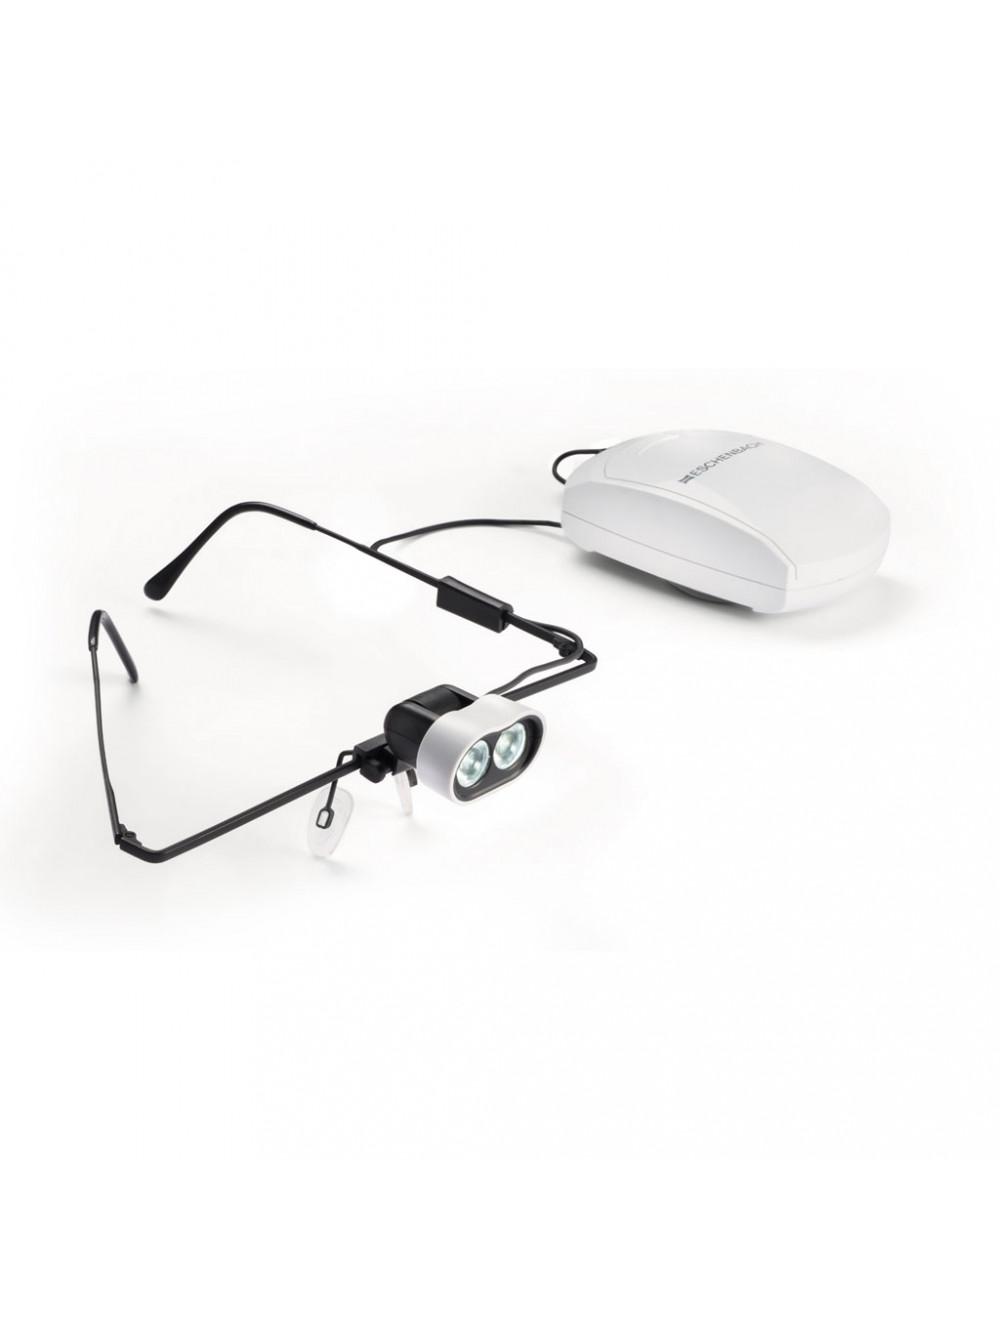 Eschenbach headlightLED, mit Tragesystem für Nicht-Brillenträger 160421